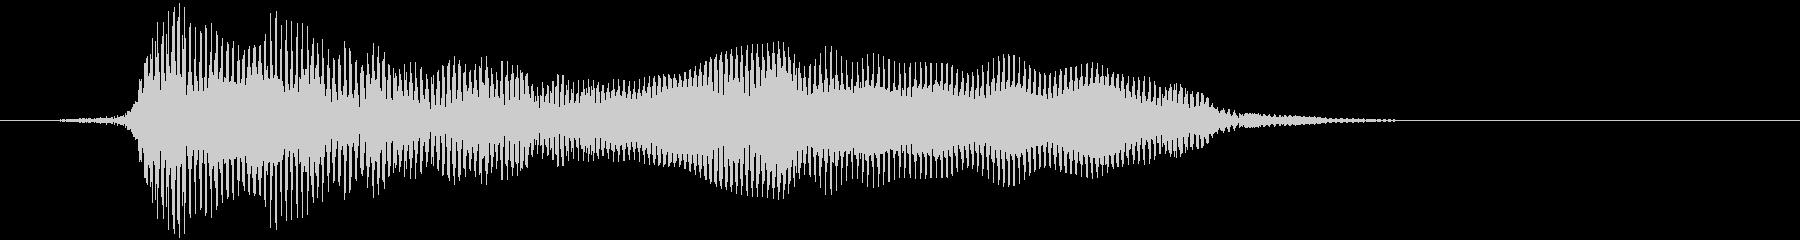 「猫の鳴き声003」にゃ~おver2の未再生の波形